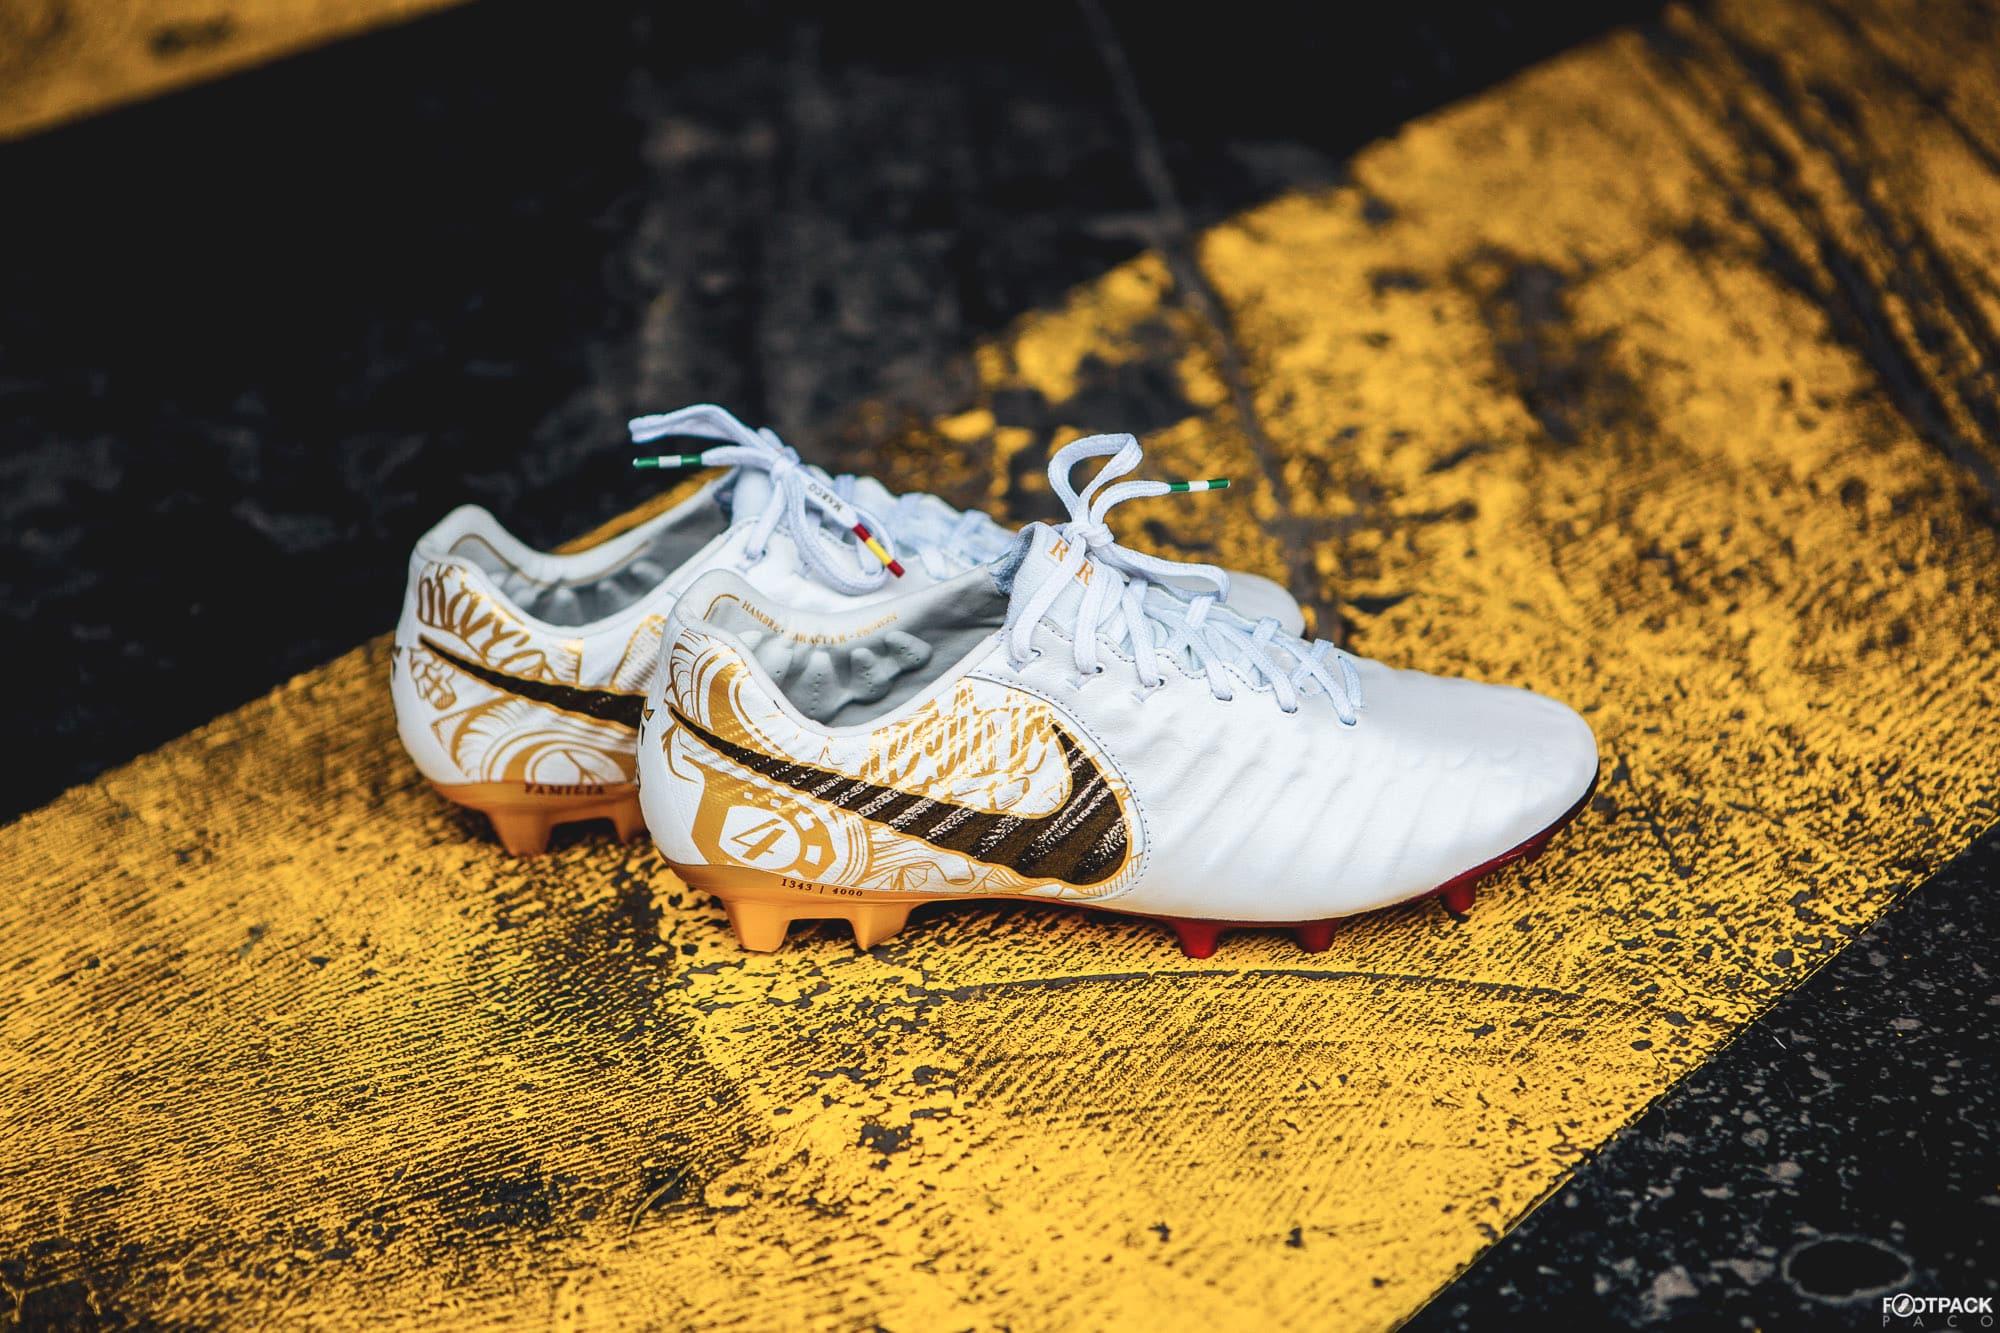 chaussure-football-nike-tiempo-sergio-ramos-janvier-2018-20